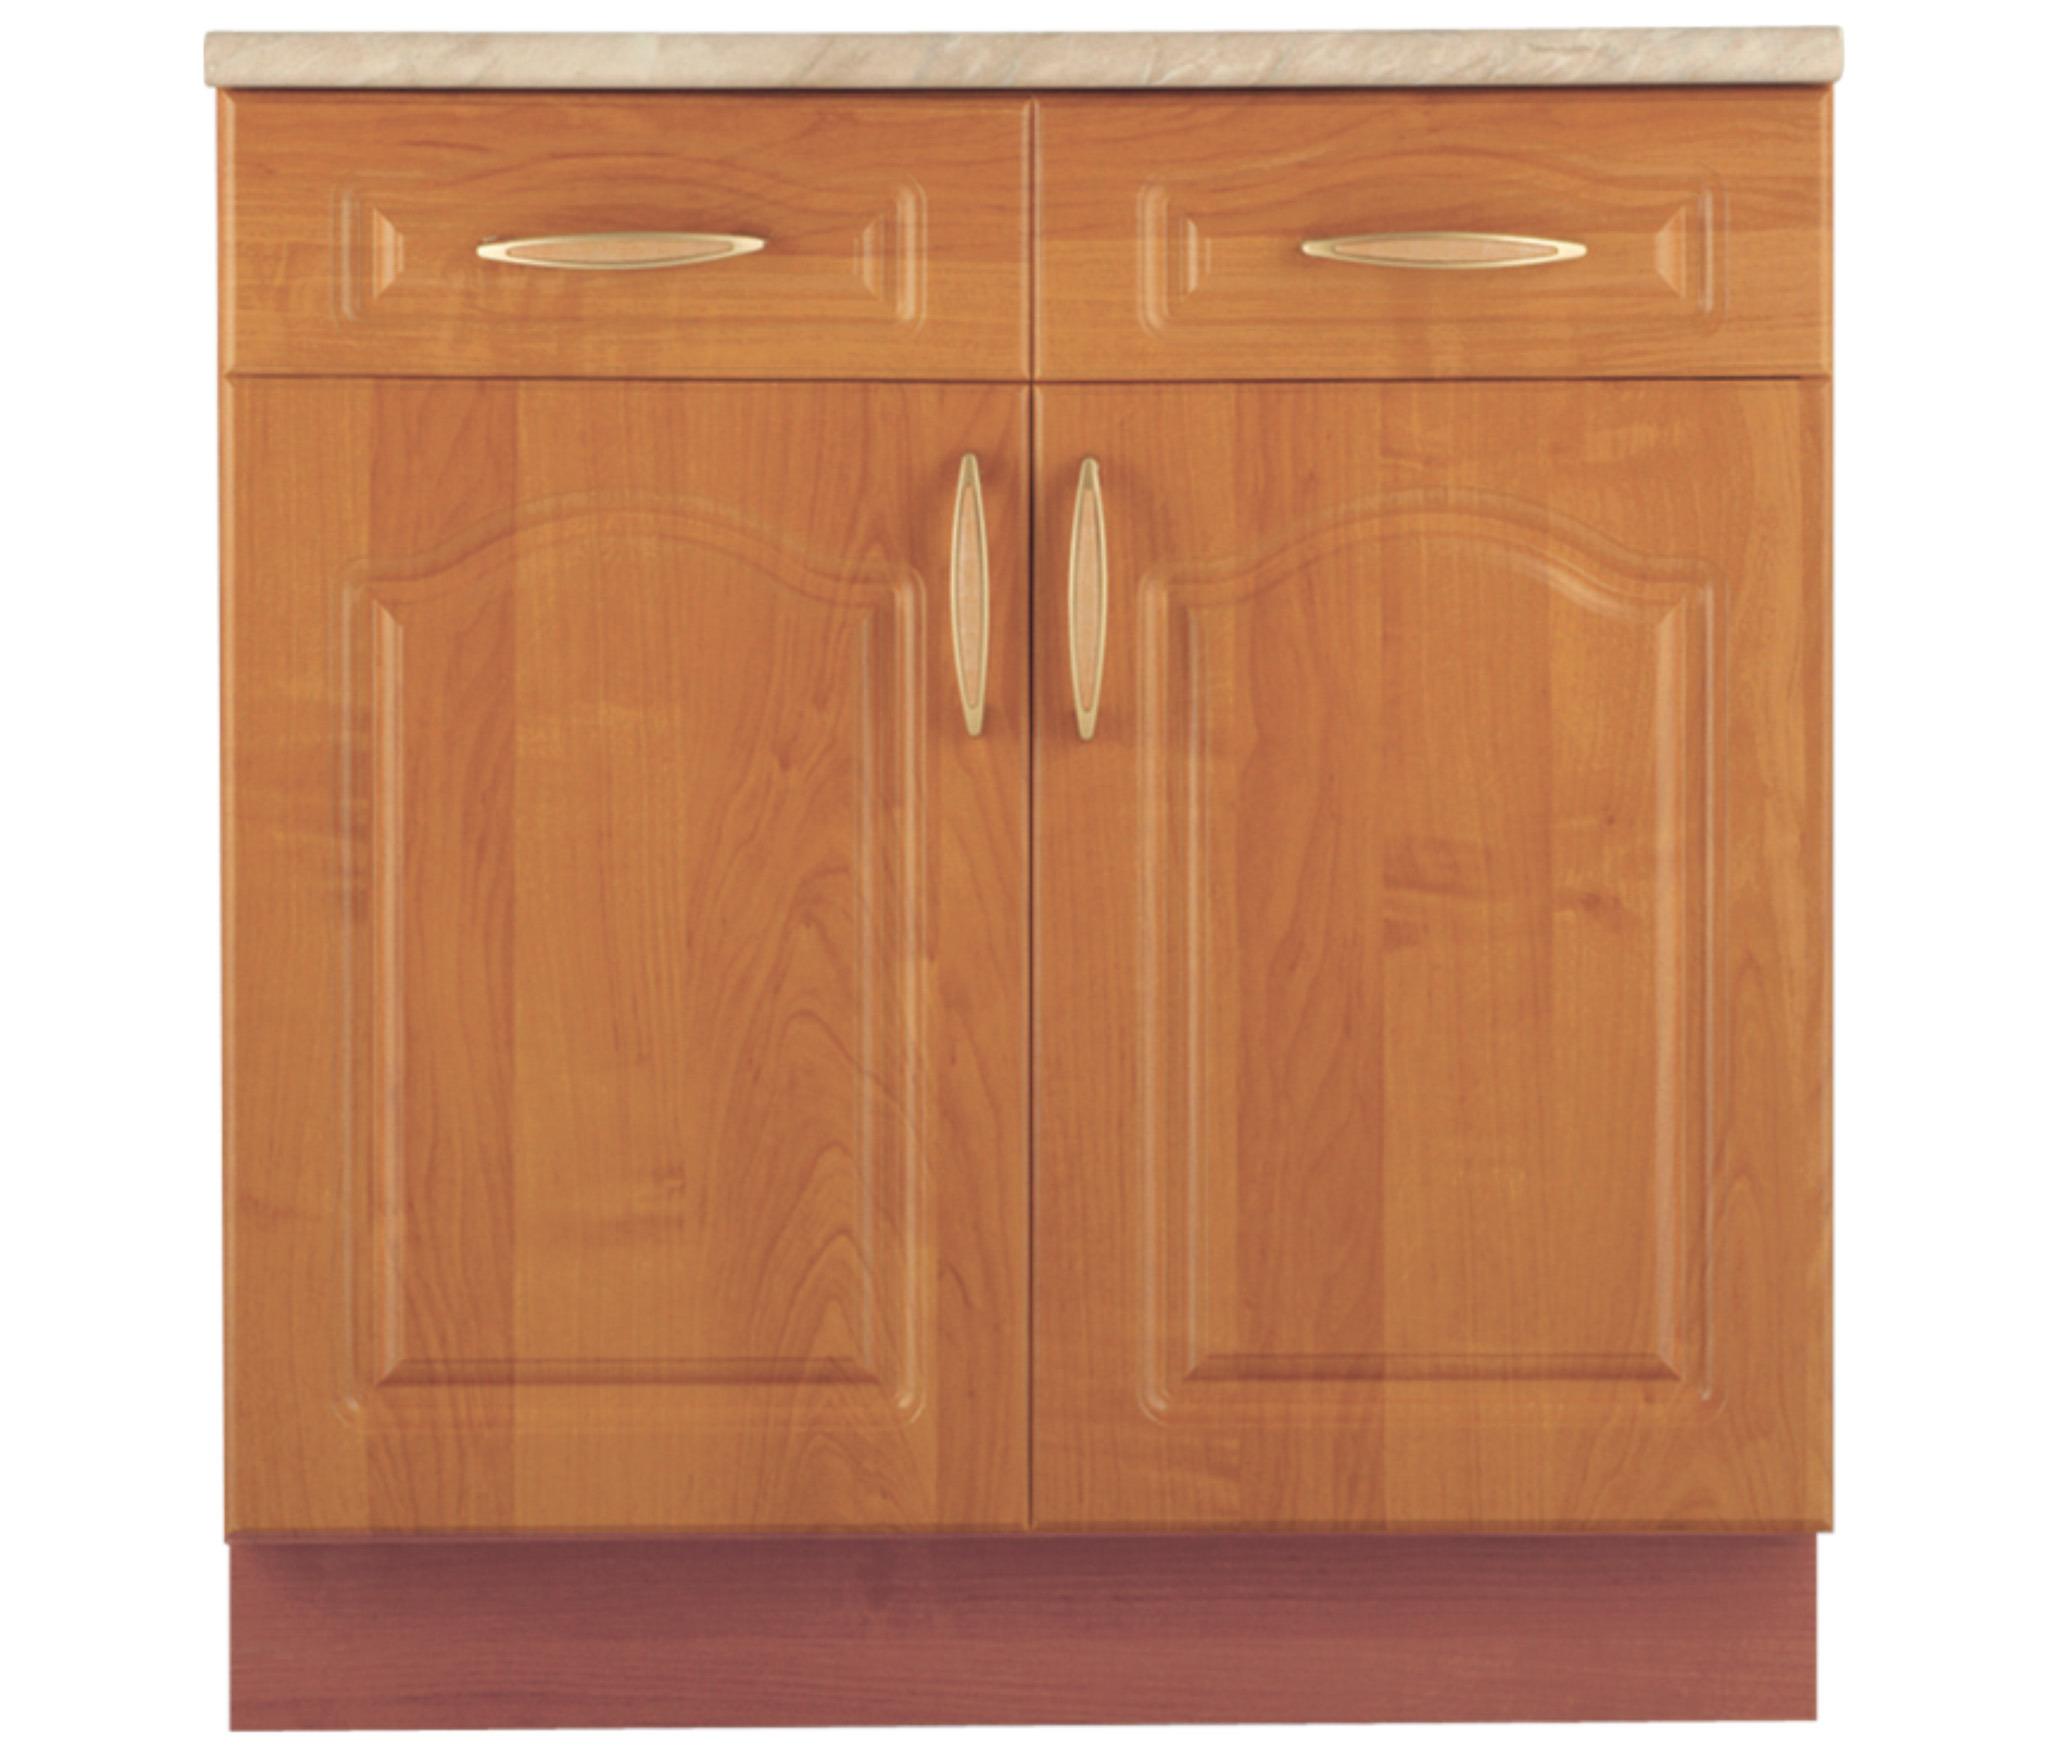 Оля В2/2 Шкаф-Стол с 2-мя ящикамиМебель для кухни<br>Универсальный шкаф для кухни с двумя дверцами. Дополнительно рекомендуем приобрести столешницу.